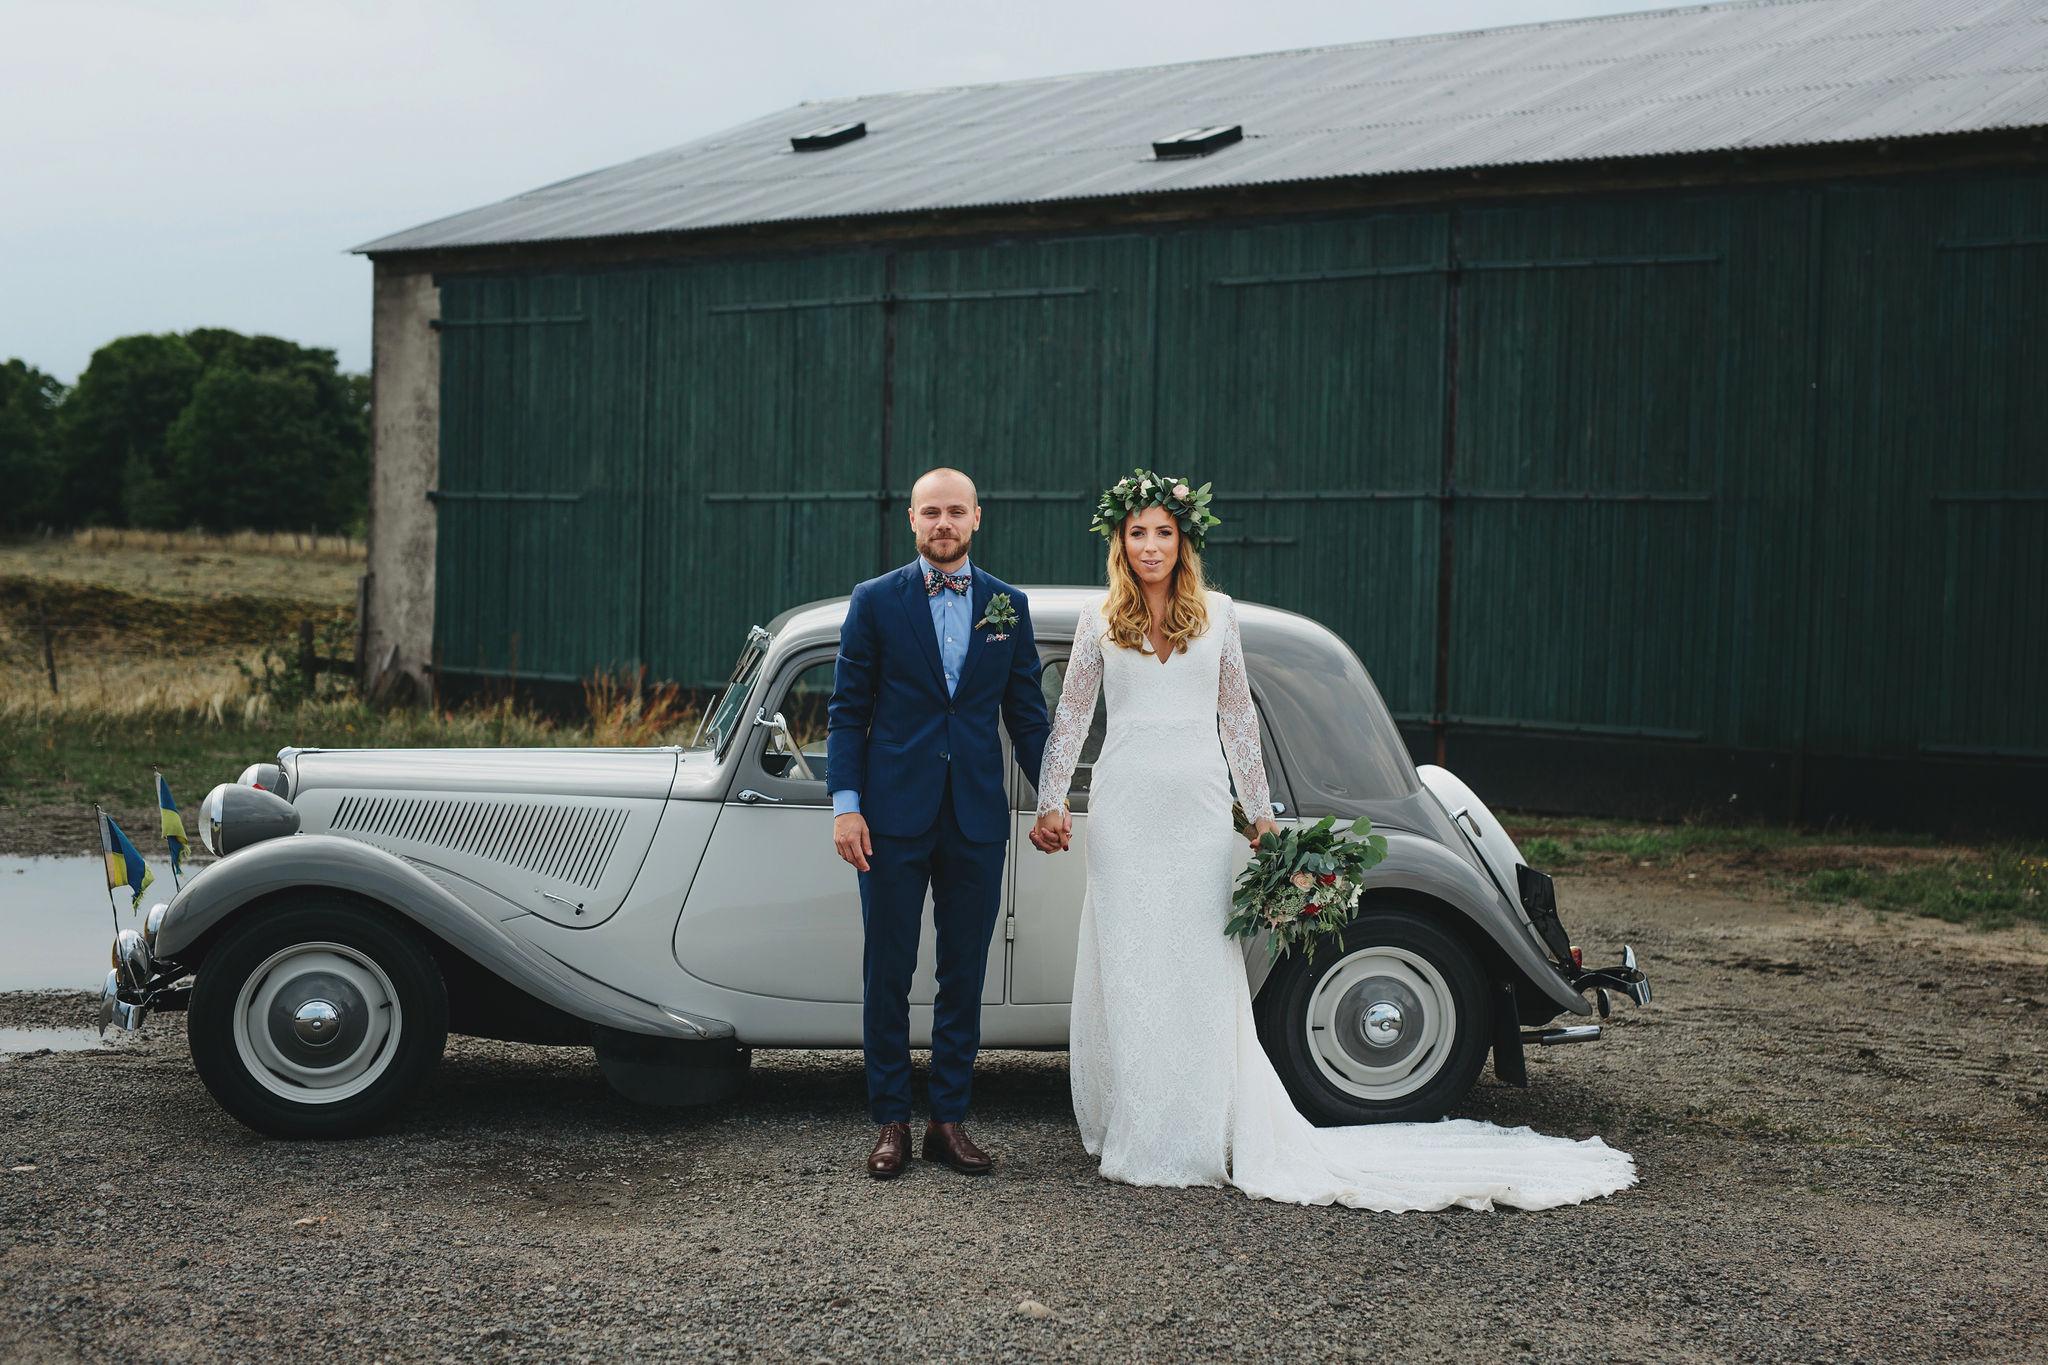 hyra+bil+bröllop+chaufför+bröllopsfotograf